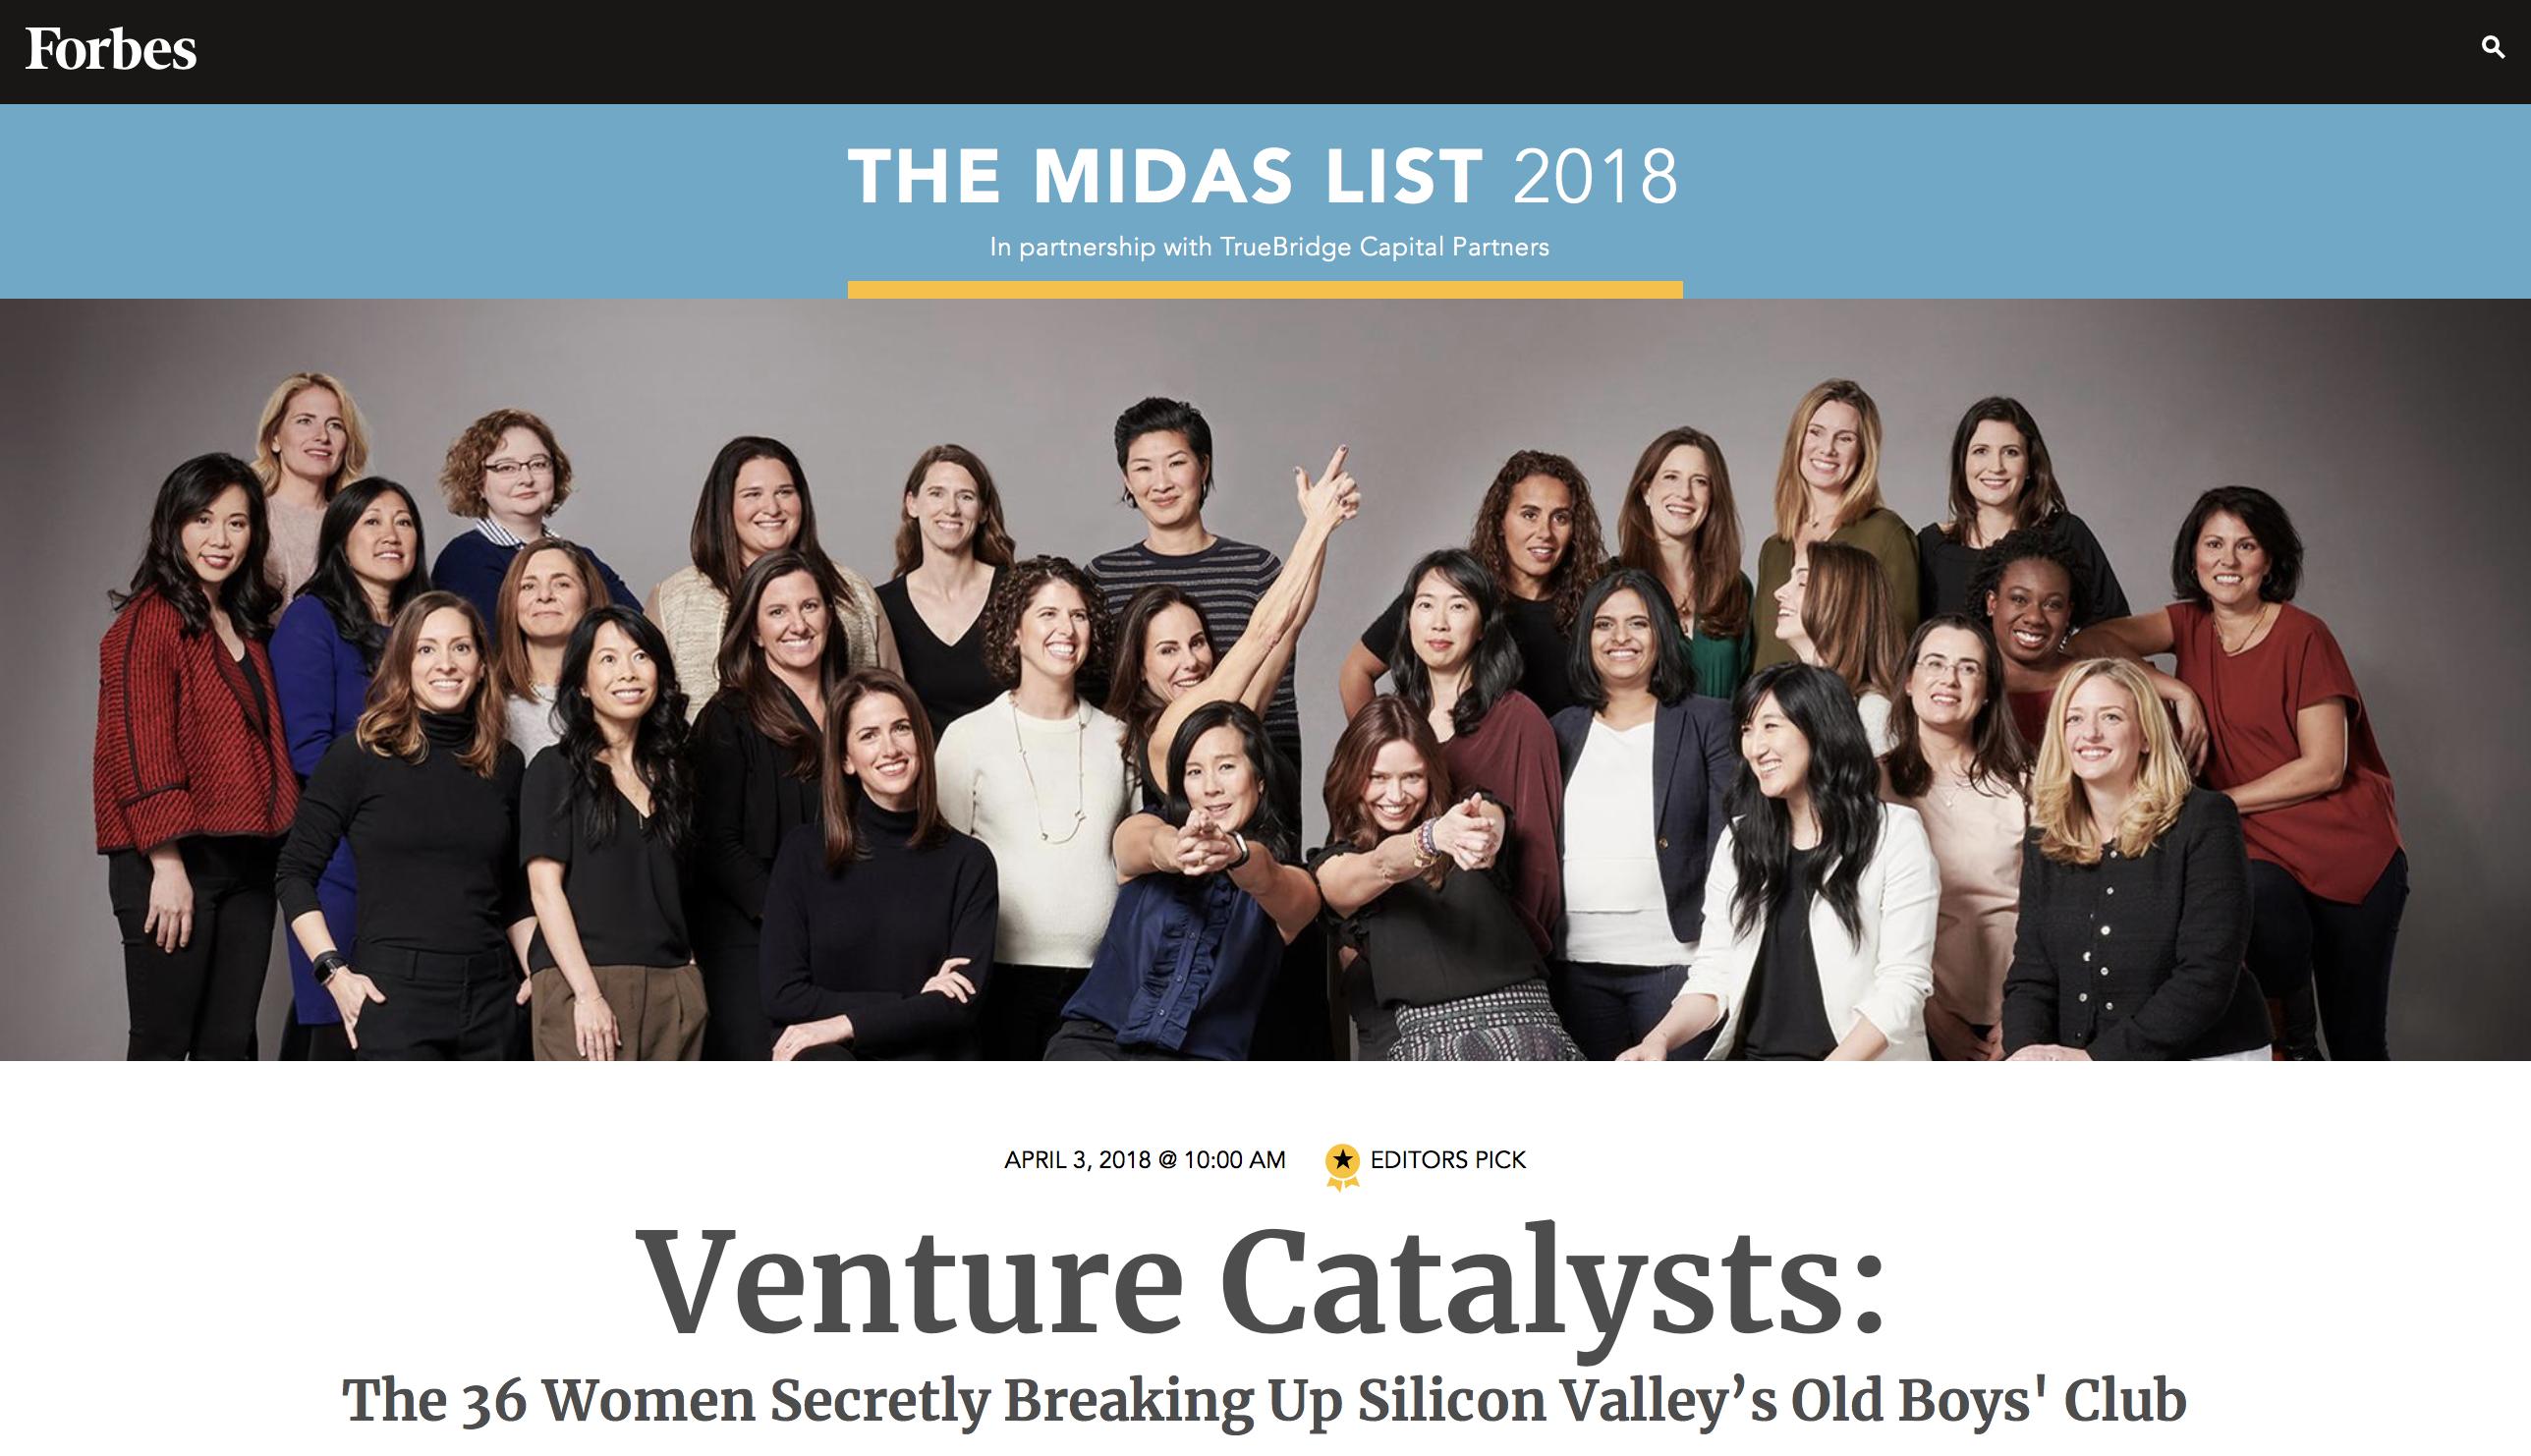 the midas list 2018のトップページ